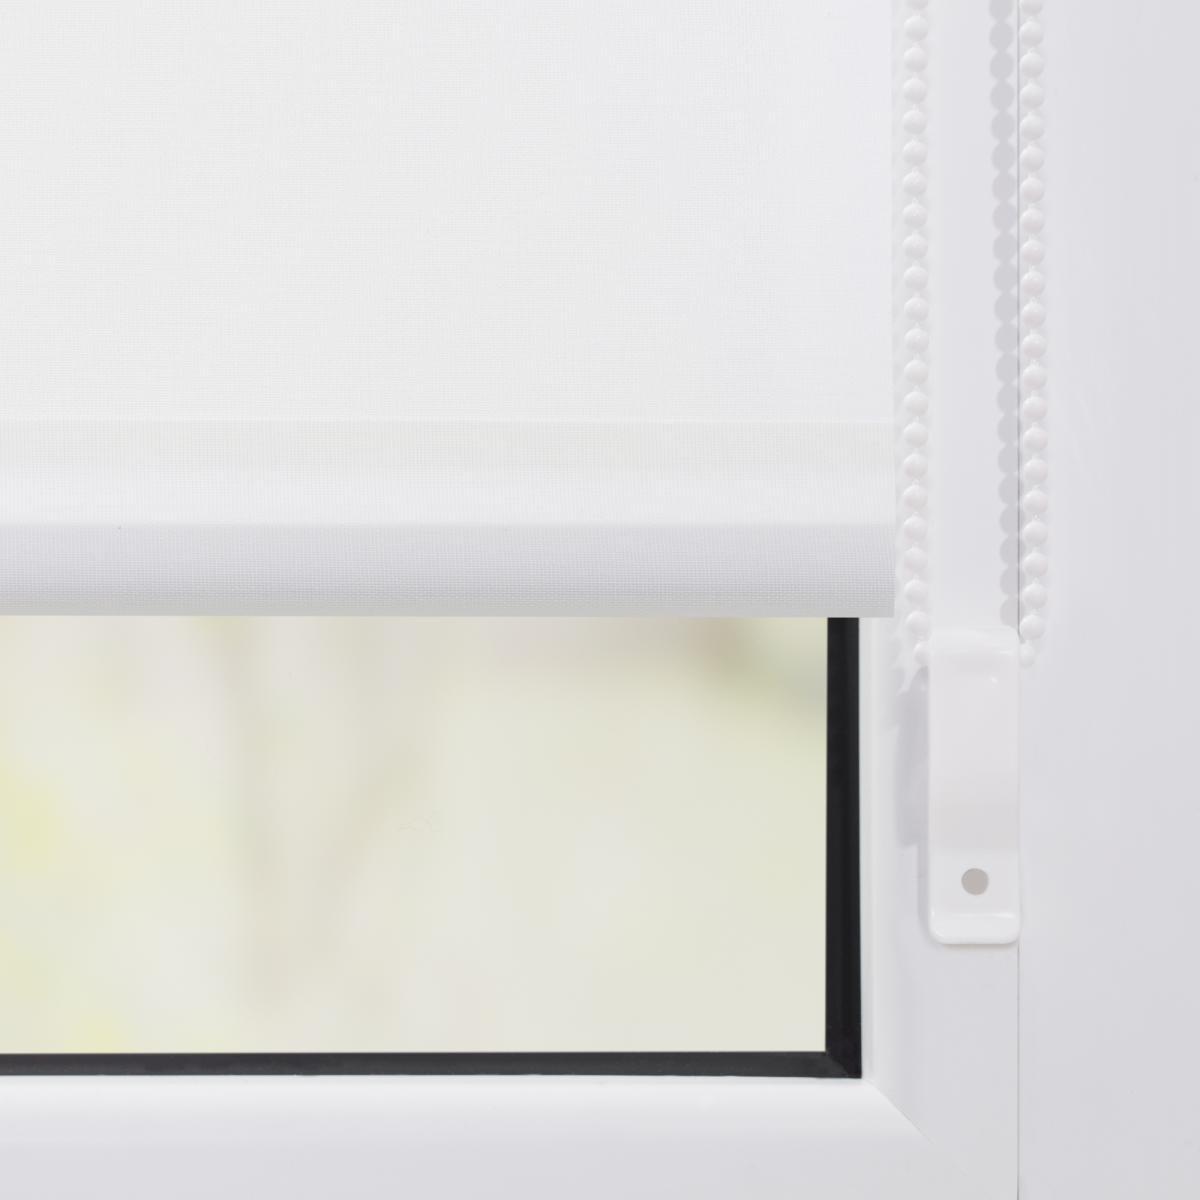 Bild 4 von Lichtblick Rollo Klemmfix, ohne Bohren, blickdicht, Pusteblume - Blau, 45 x 150 cm (B x L)